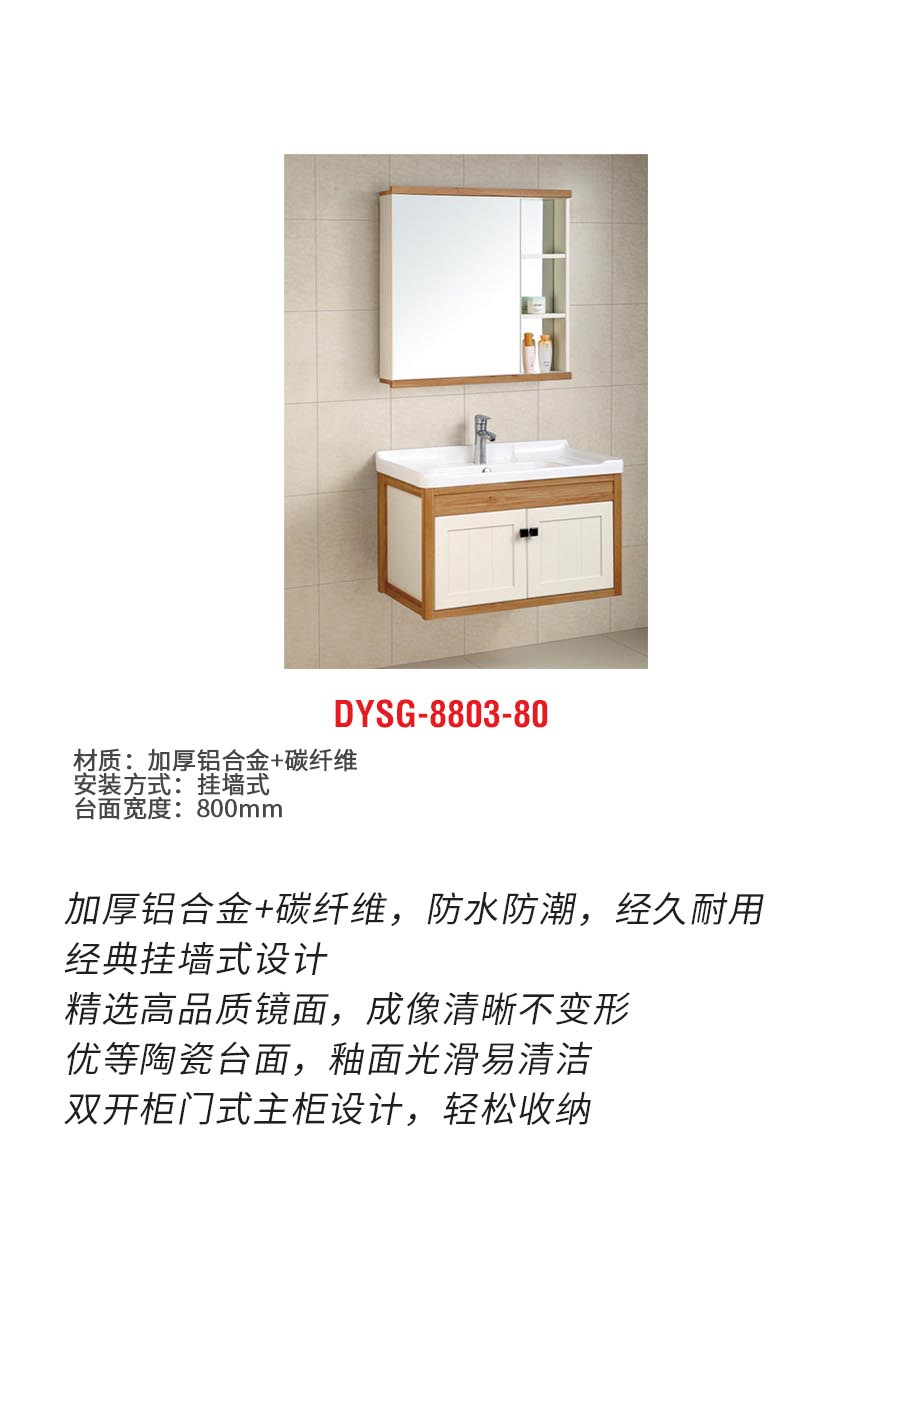 DYSG-8803-80b.jpg